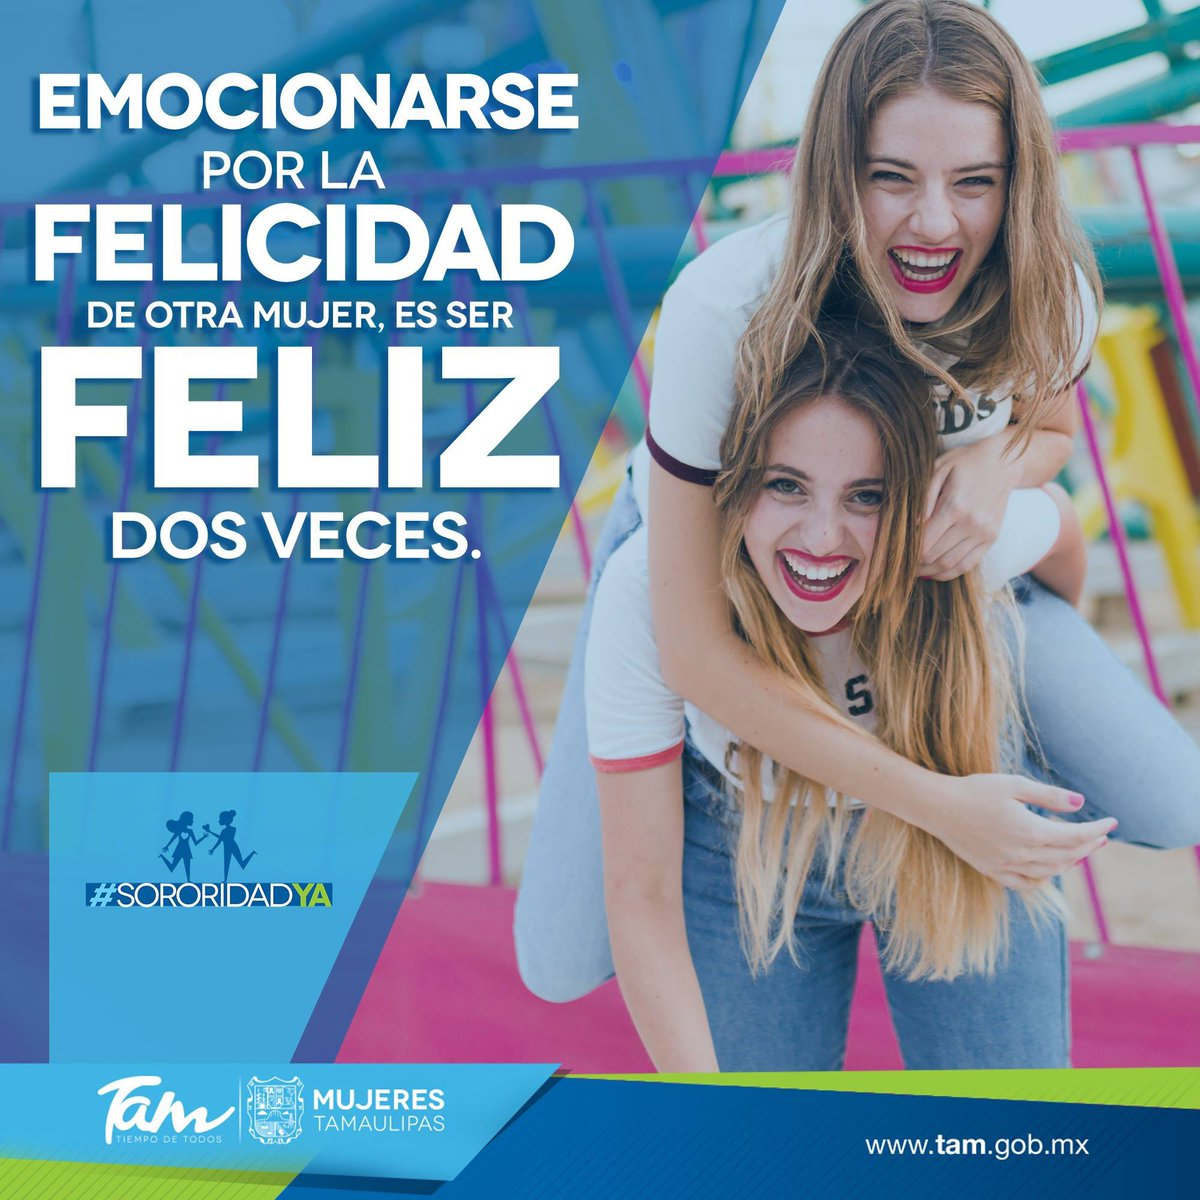 La felicidad compartida genera energía positiva en tu entorno, así que ¡sé feliz!. 😄😃😀 Vivamos y convivamos en #sororidad. 🤝👭 ¡Bonito martes! 🌞  #SororidadYa #MujeresTam #GobTam #TiempoDeTodos